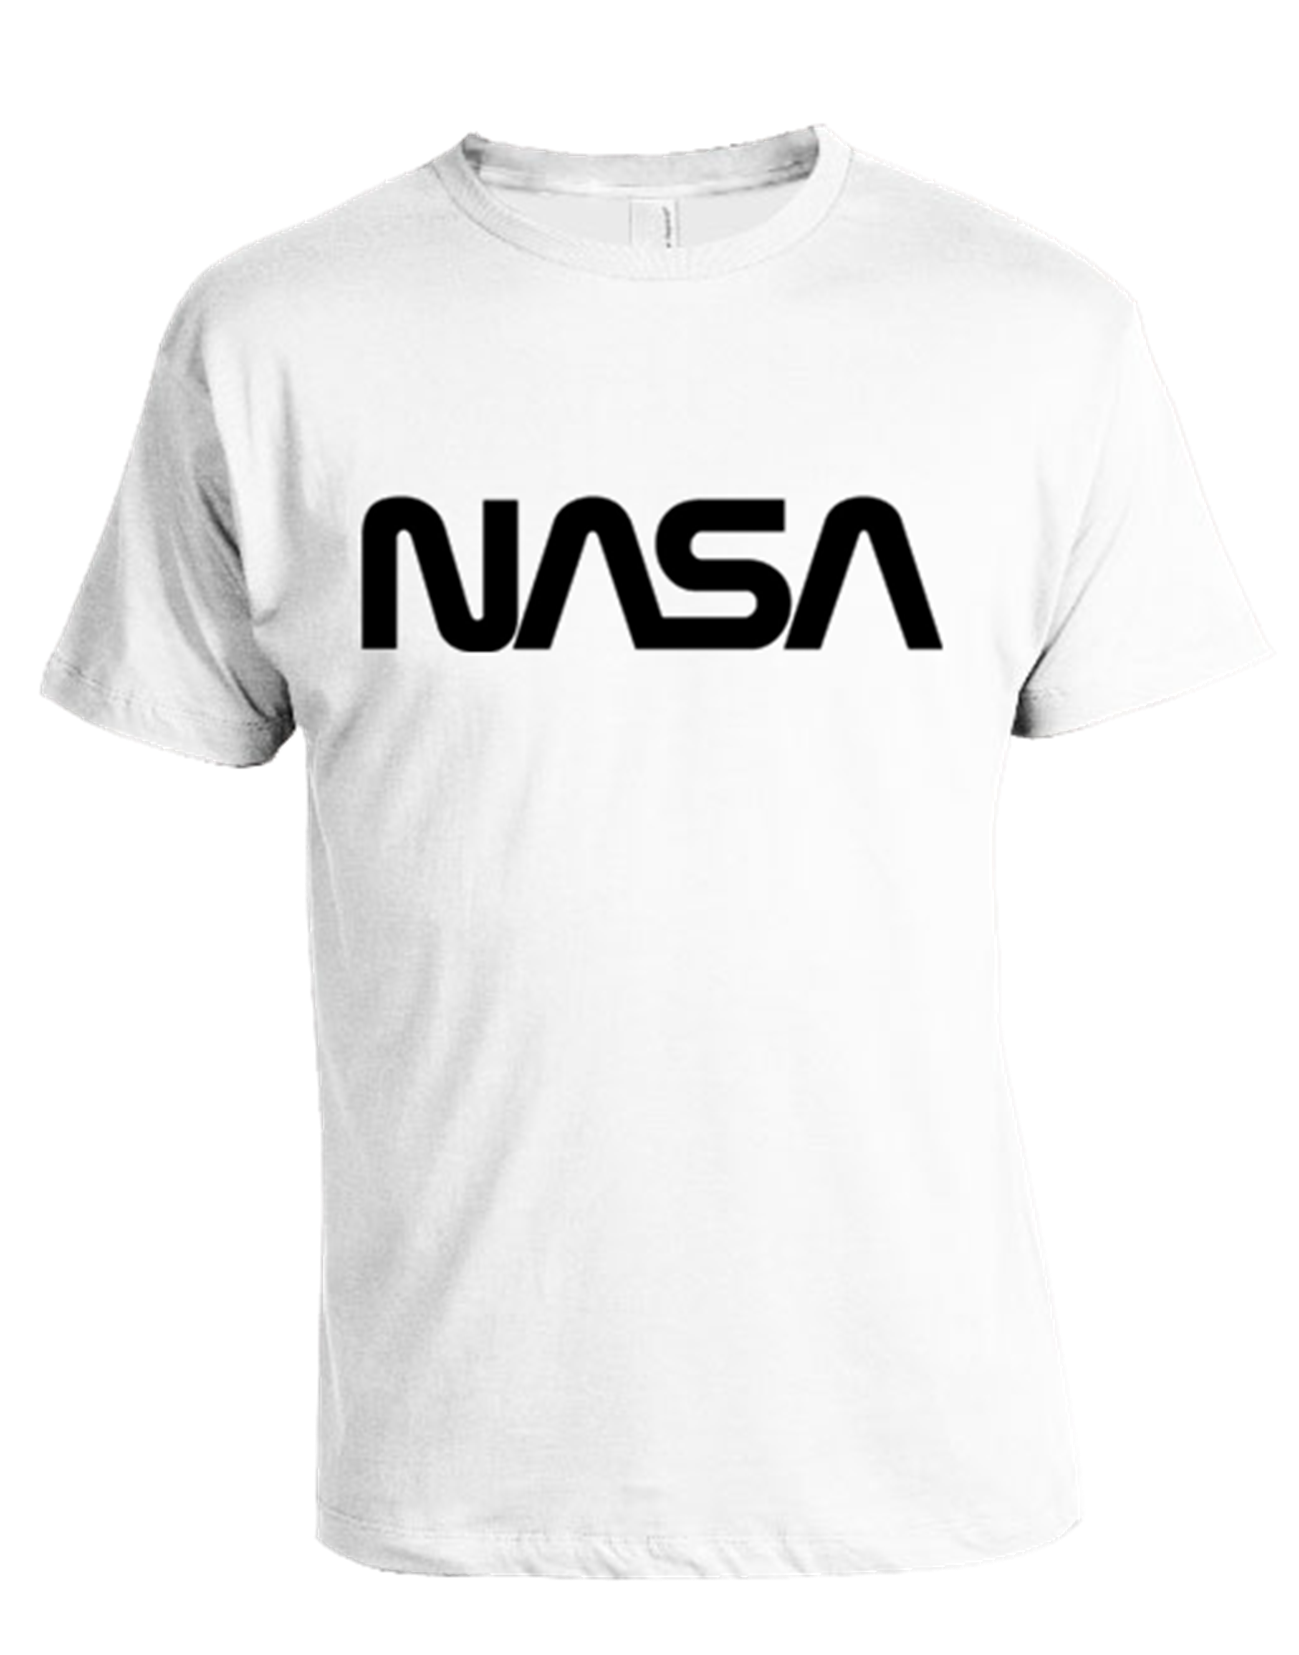 Nasa T Shirt - White